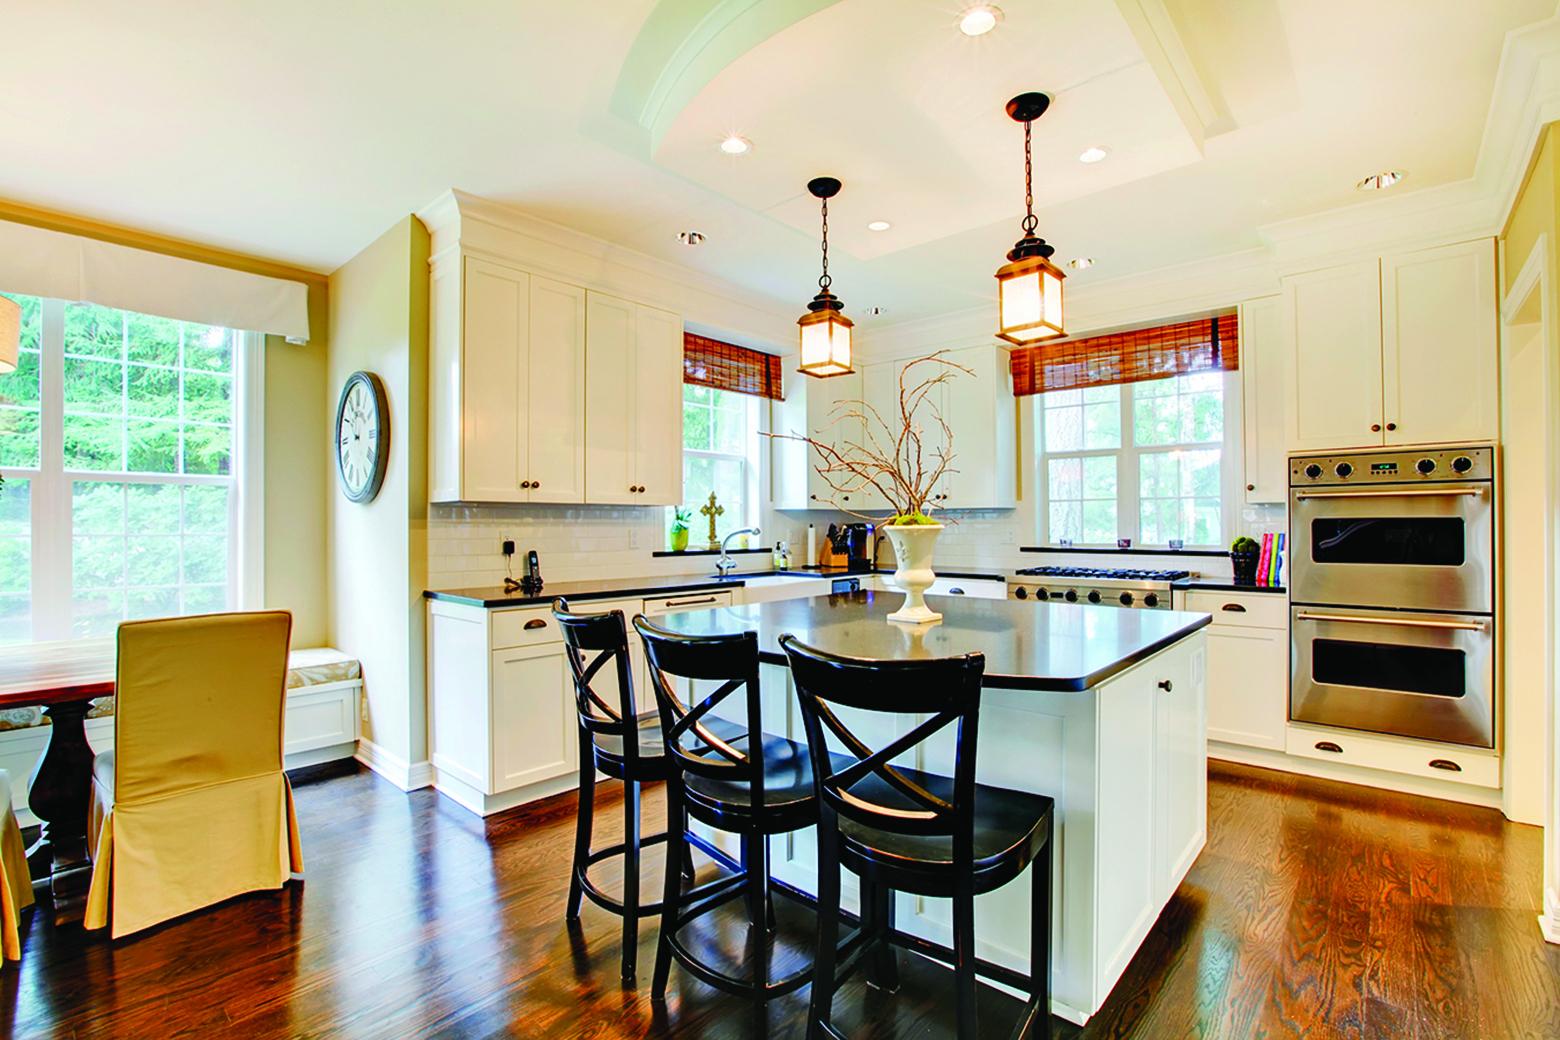 選擇一個有室內設計經驗的廚房設計師,可以讓你獲得一個完備的方案。  如果你有開放廚房,也打算翻修家中的其它地方,那也可以找建築師諮詢。